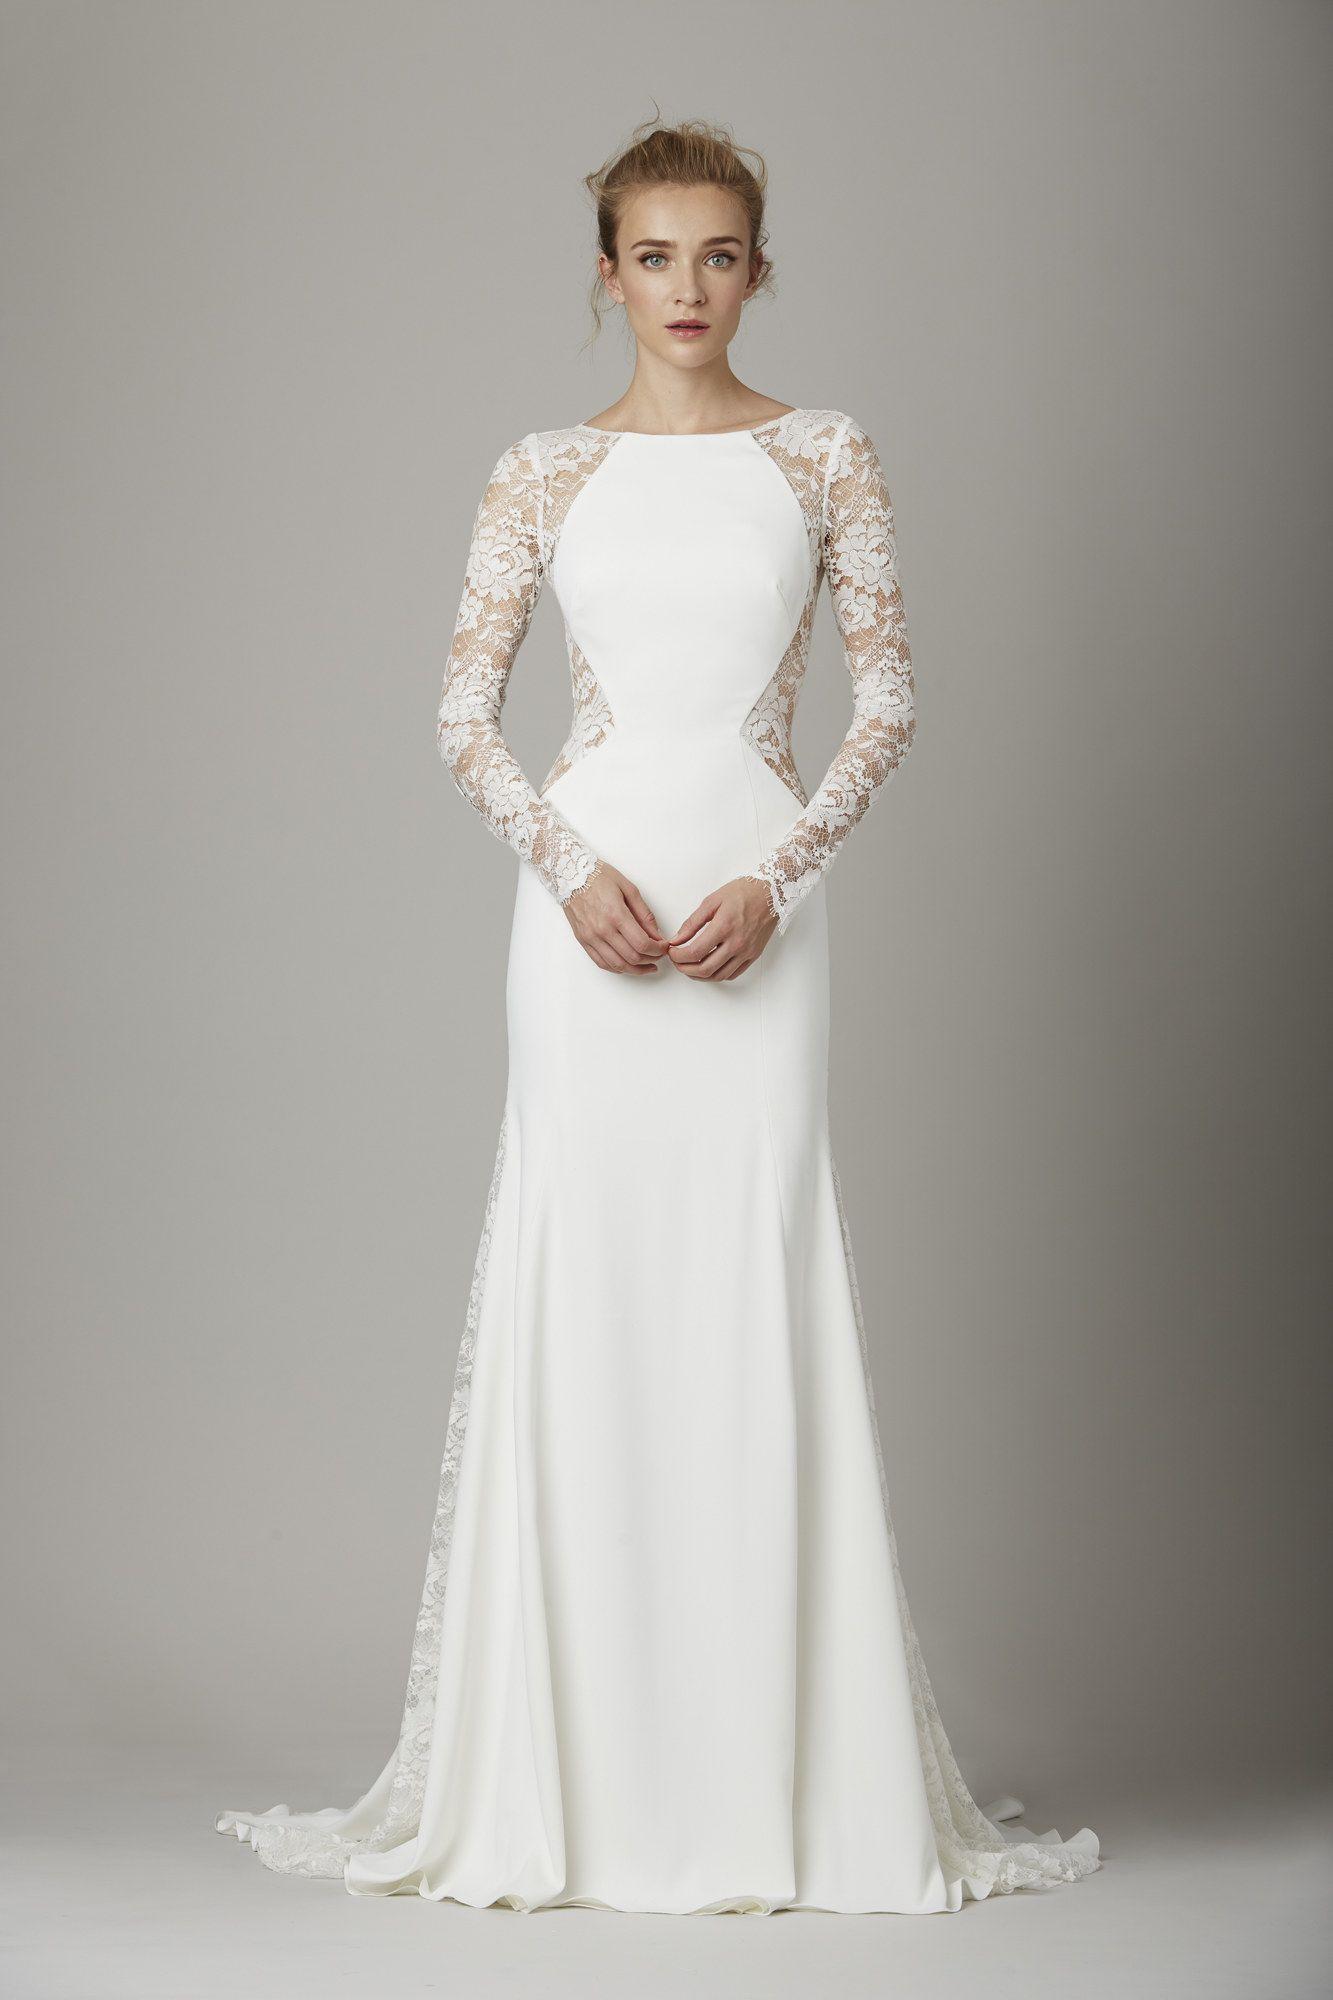 Conservative wedding dresses  Lela Rose Bridal Fall  Fashion Show  Lela rose Rose and